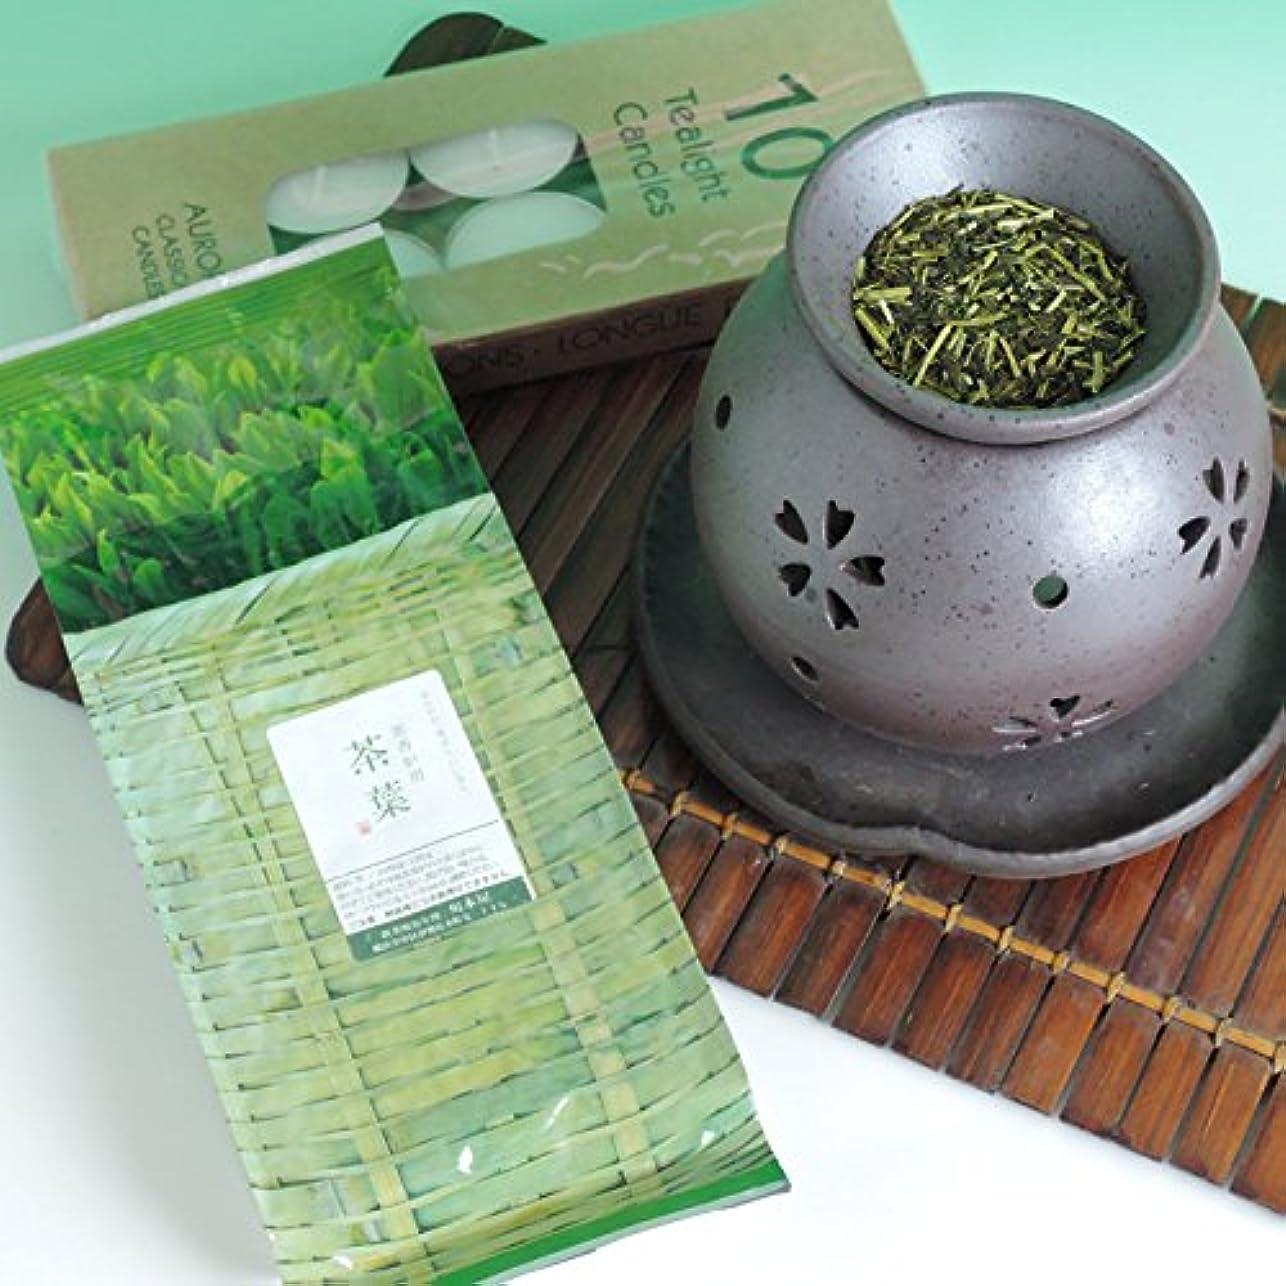 書く雲自動的に茶香炉 盛正作 ローソク 茶香炉専用 茶葉 セット 川本屋茶舗